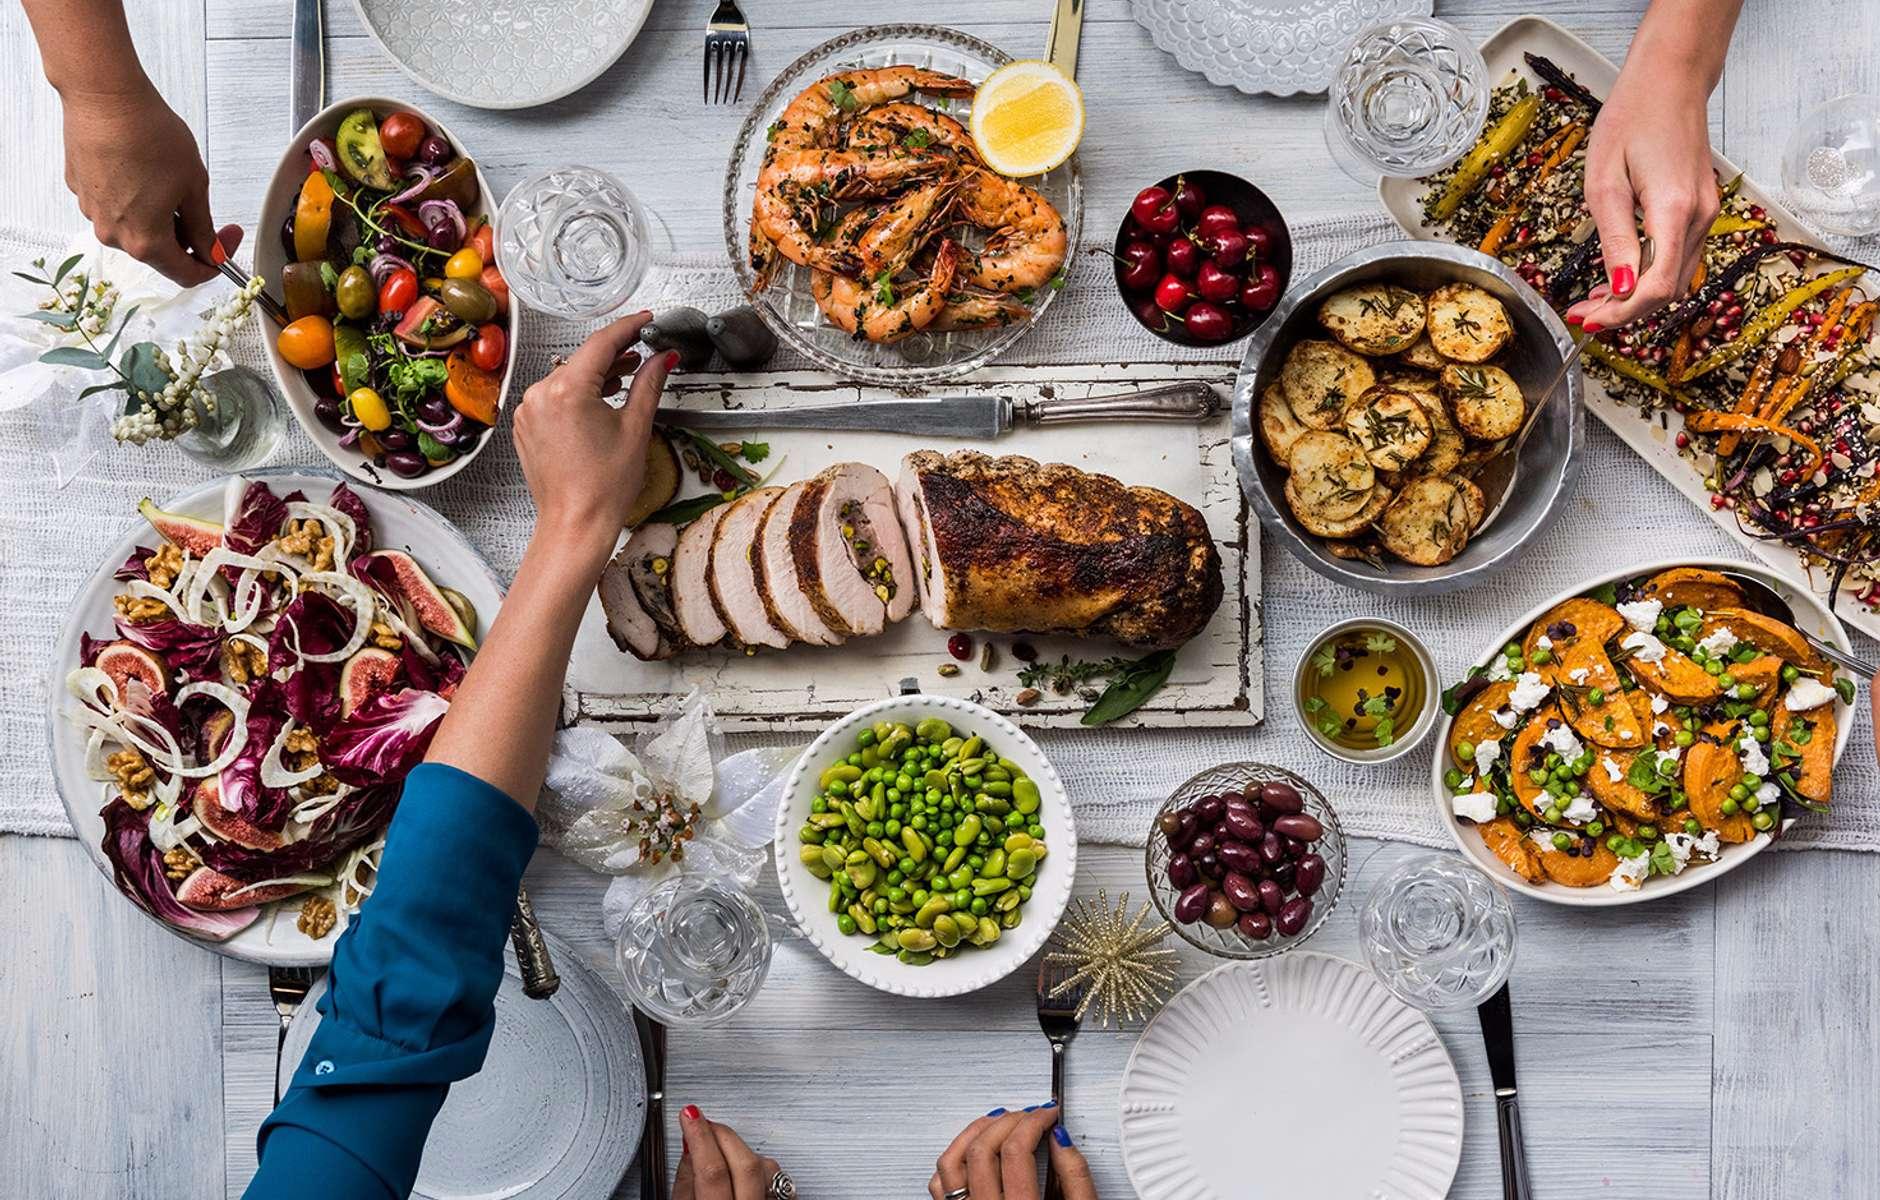 днем еда разных стран мира фото изготовлению санок